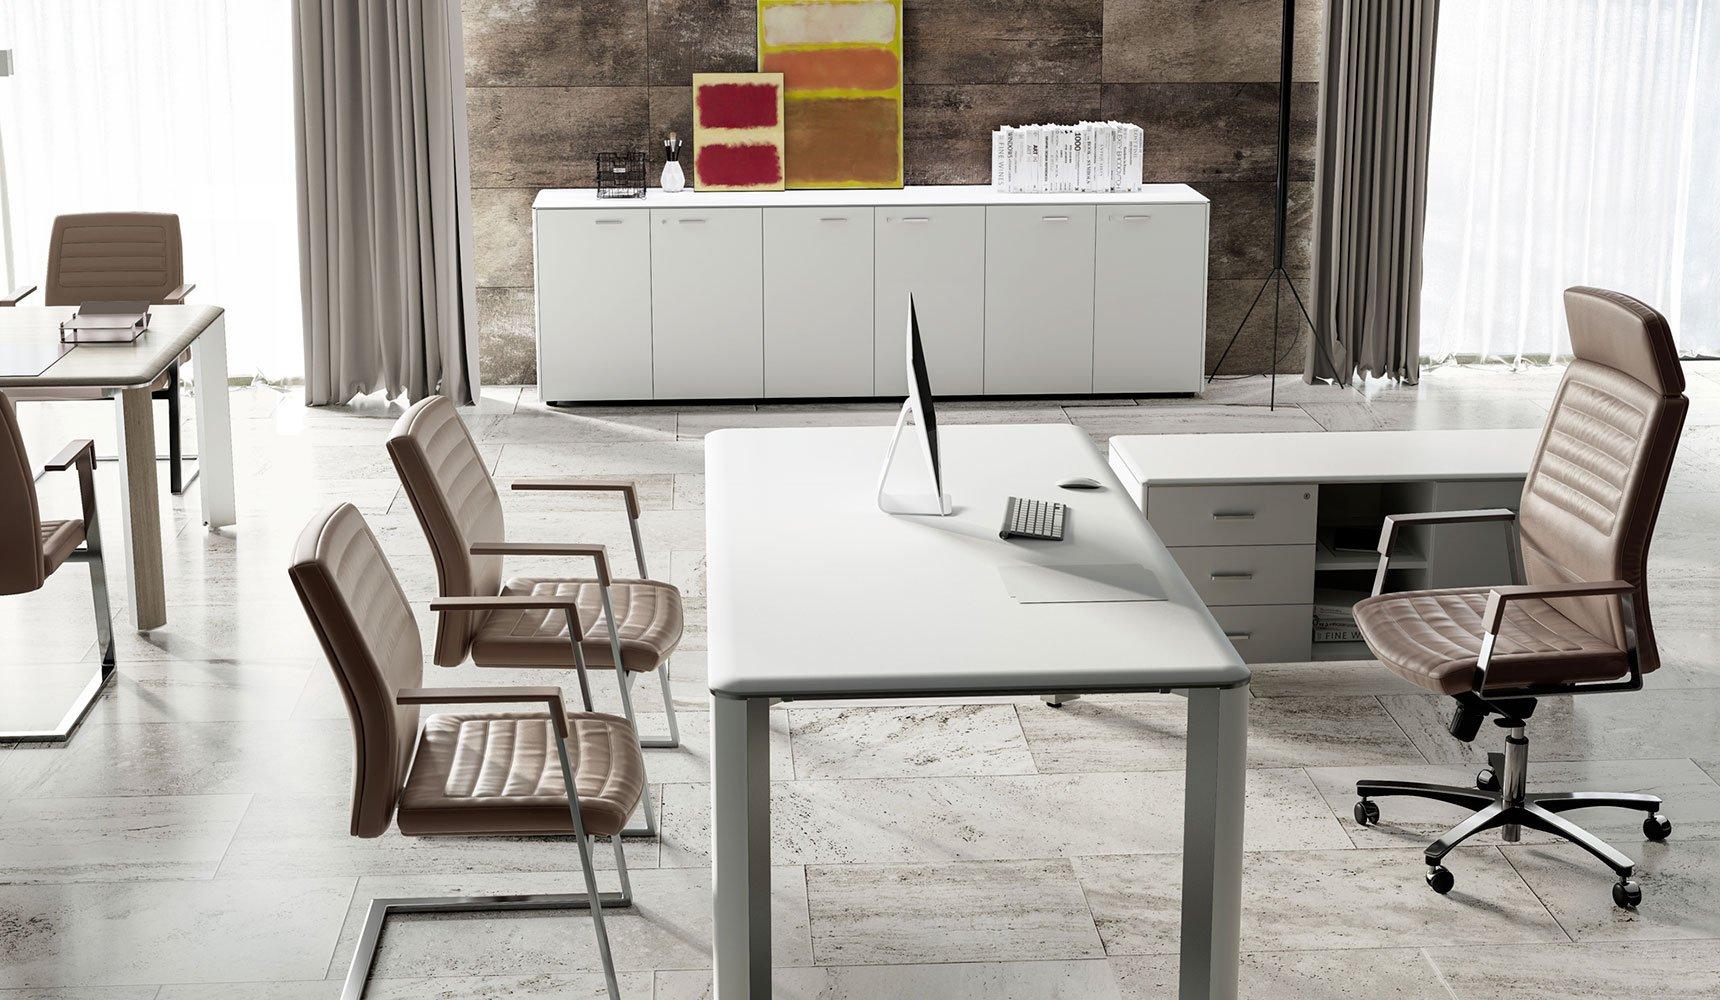 Mobili ufficio roma milano arredamento ufficio office for Arredamento office